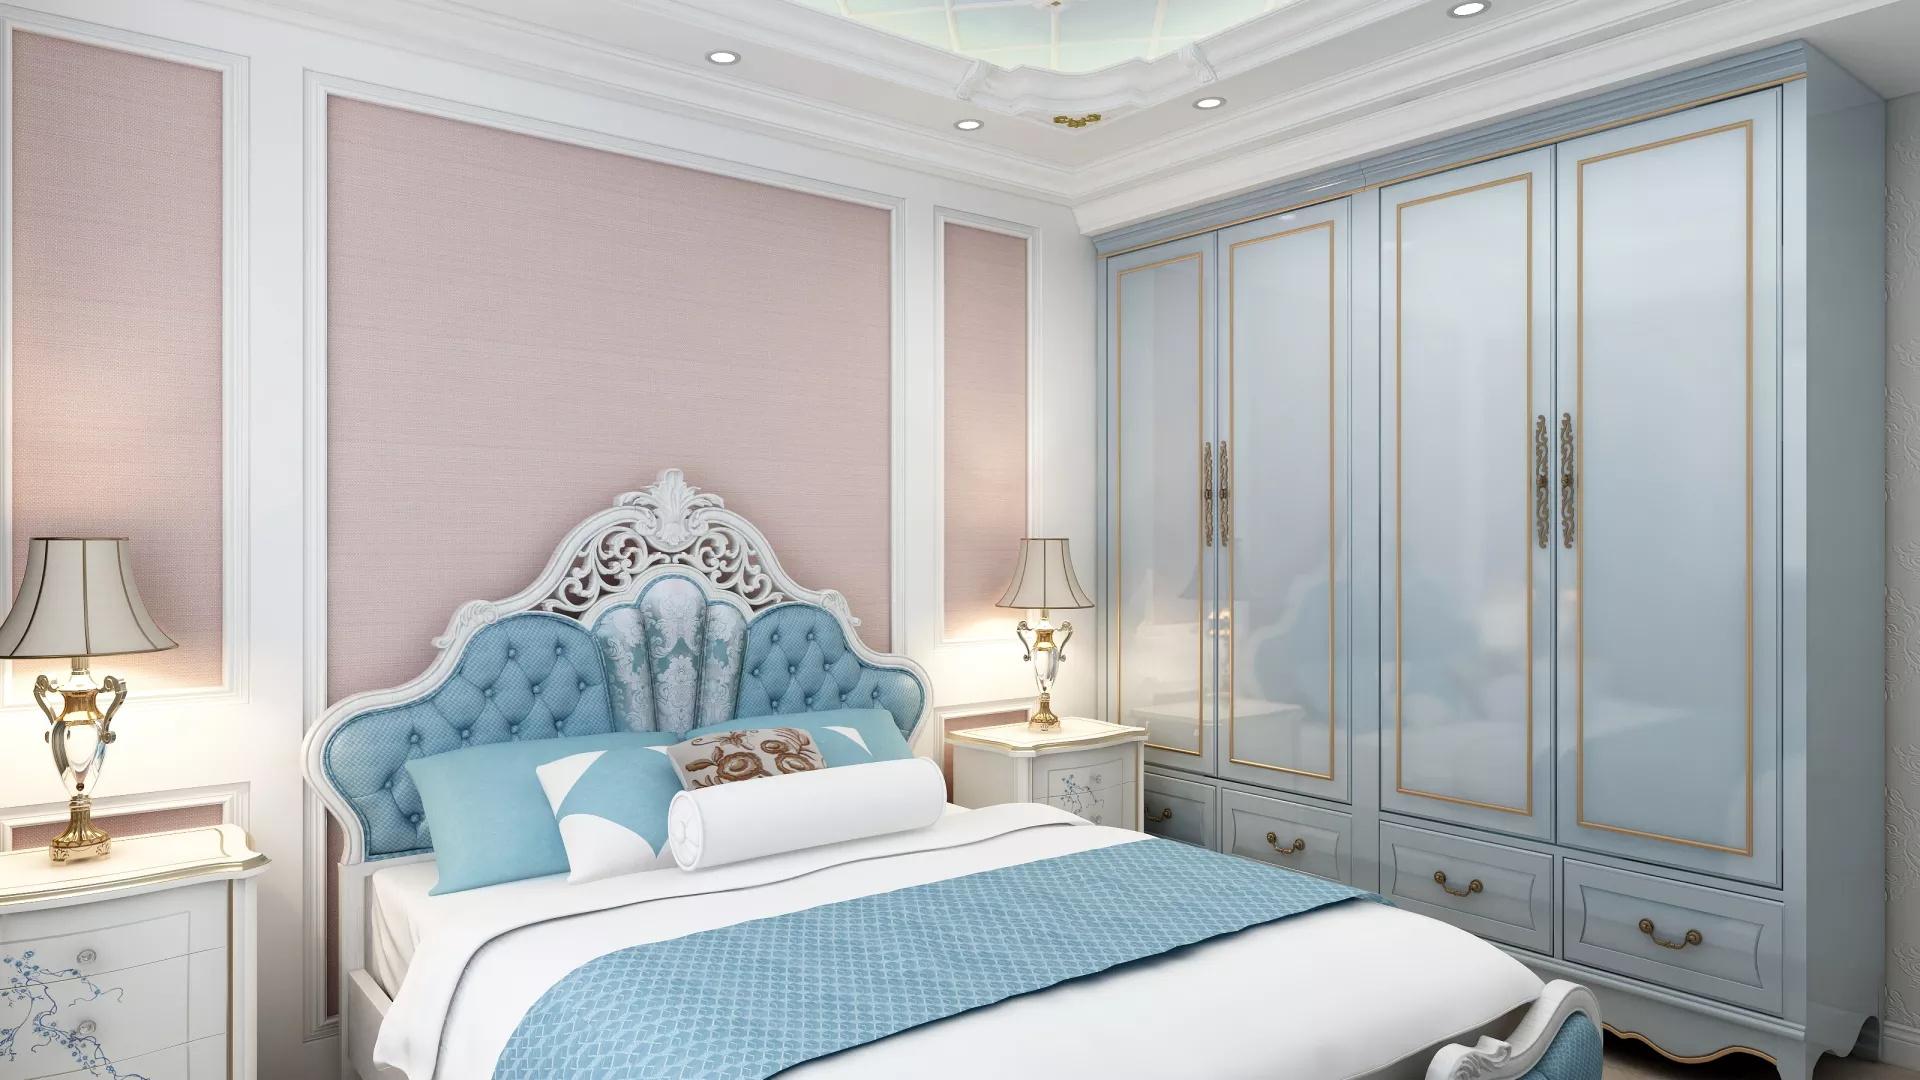 小户型卧室如何装修 小户型卧室装修技巧分享